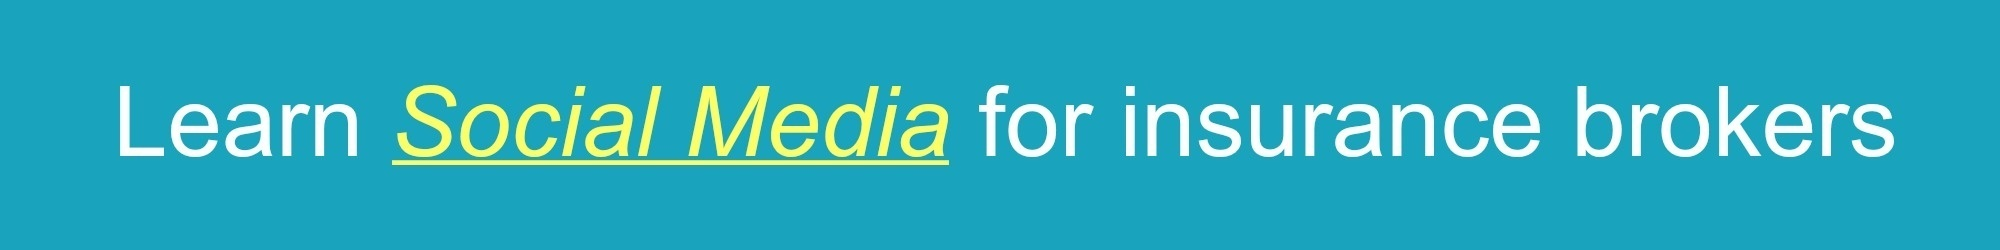 social media for insurance